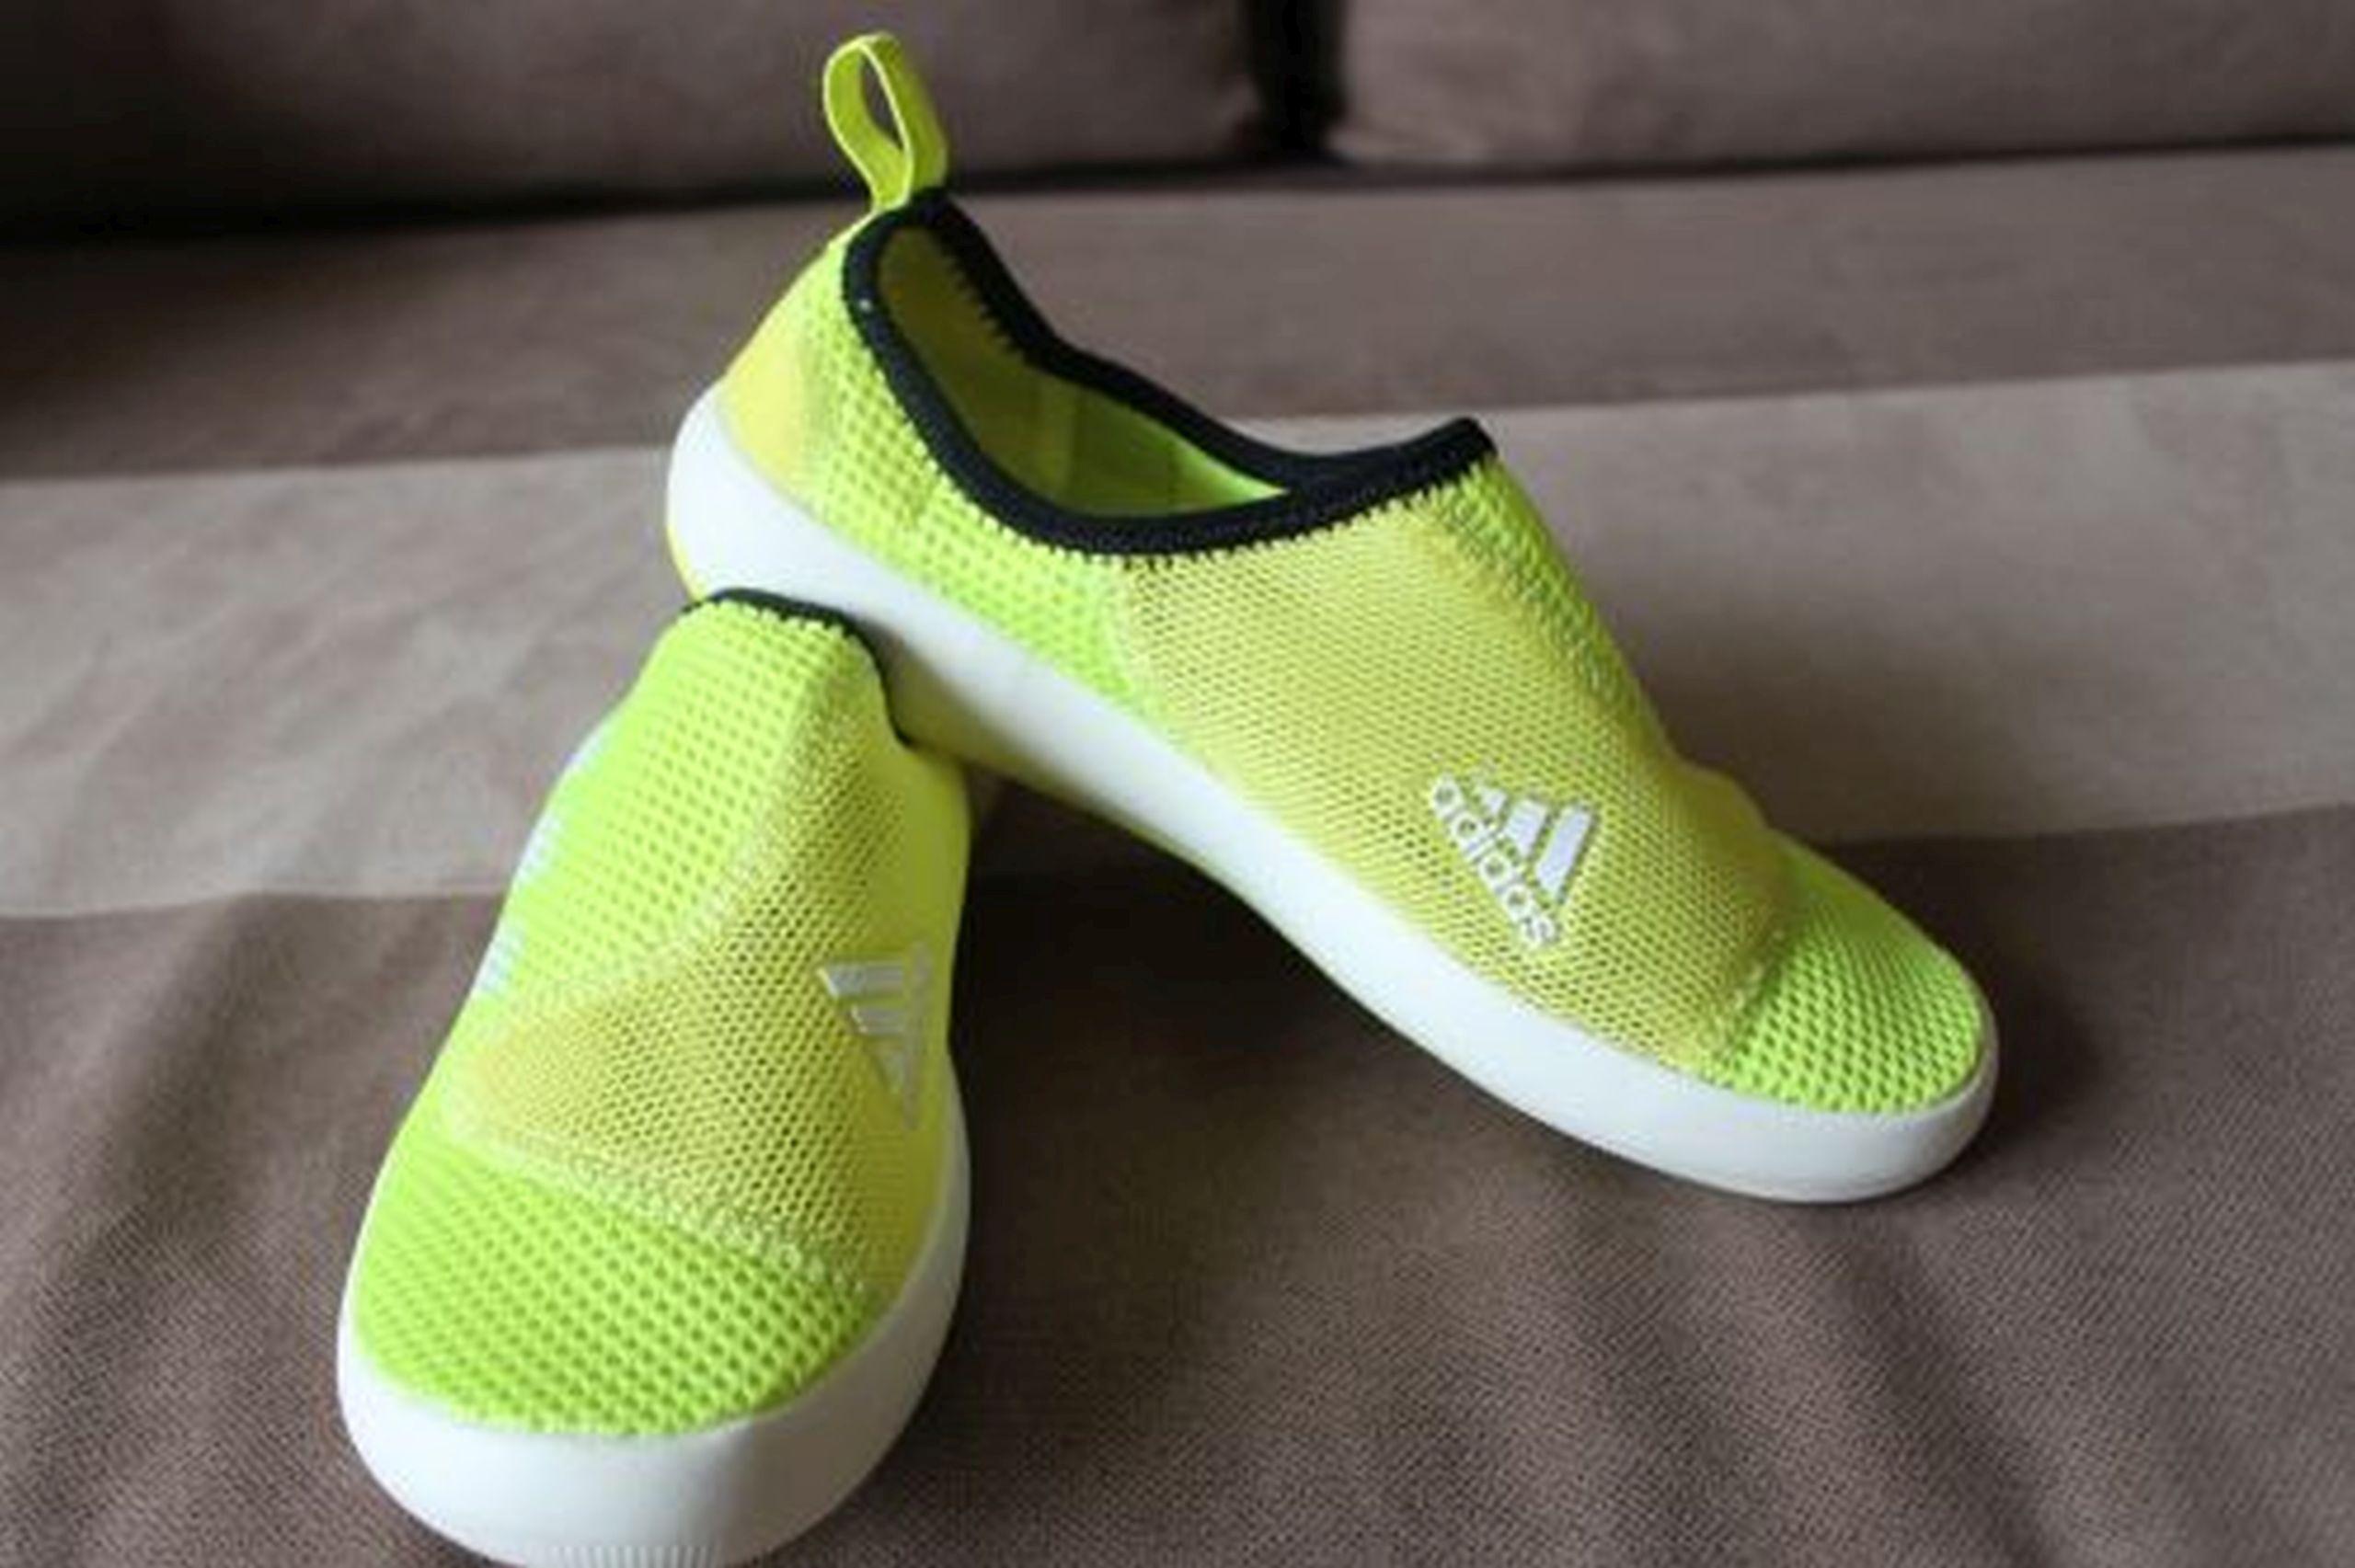 new styles 233ed 885b5 Buty Adidas, rozmiar 37 - 7381044733 - oficjalne archiwum al